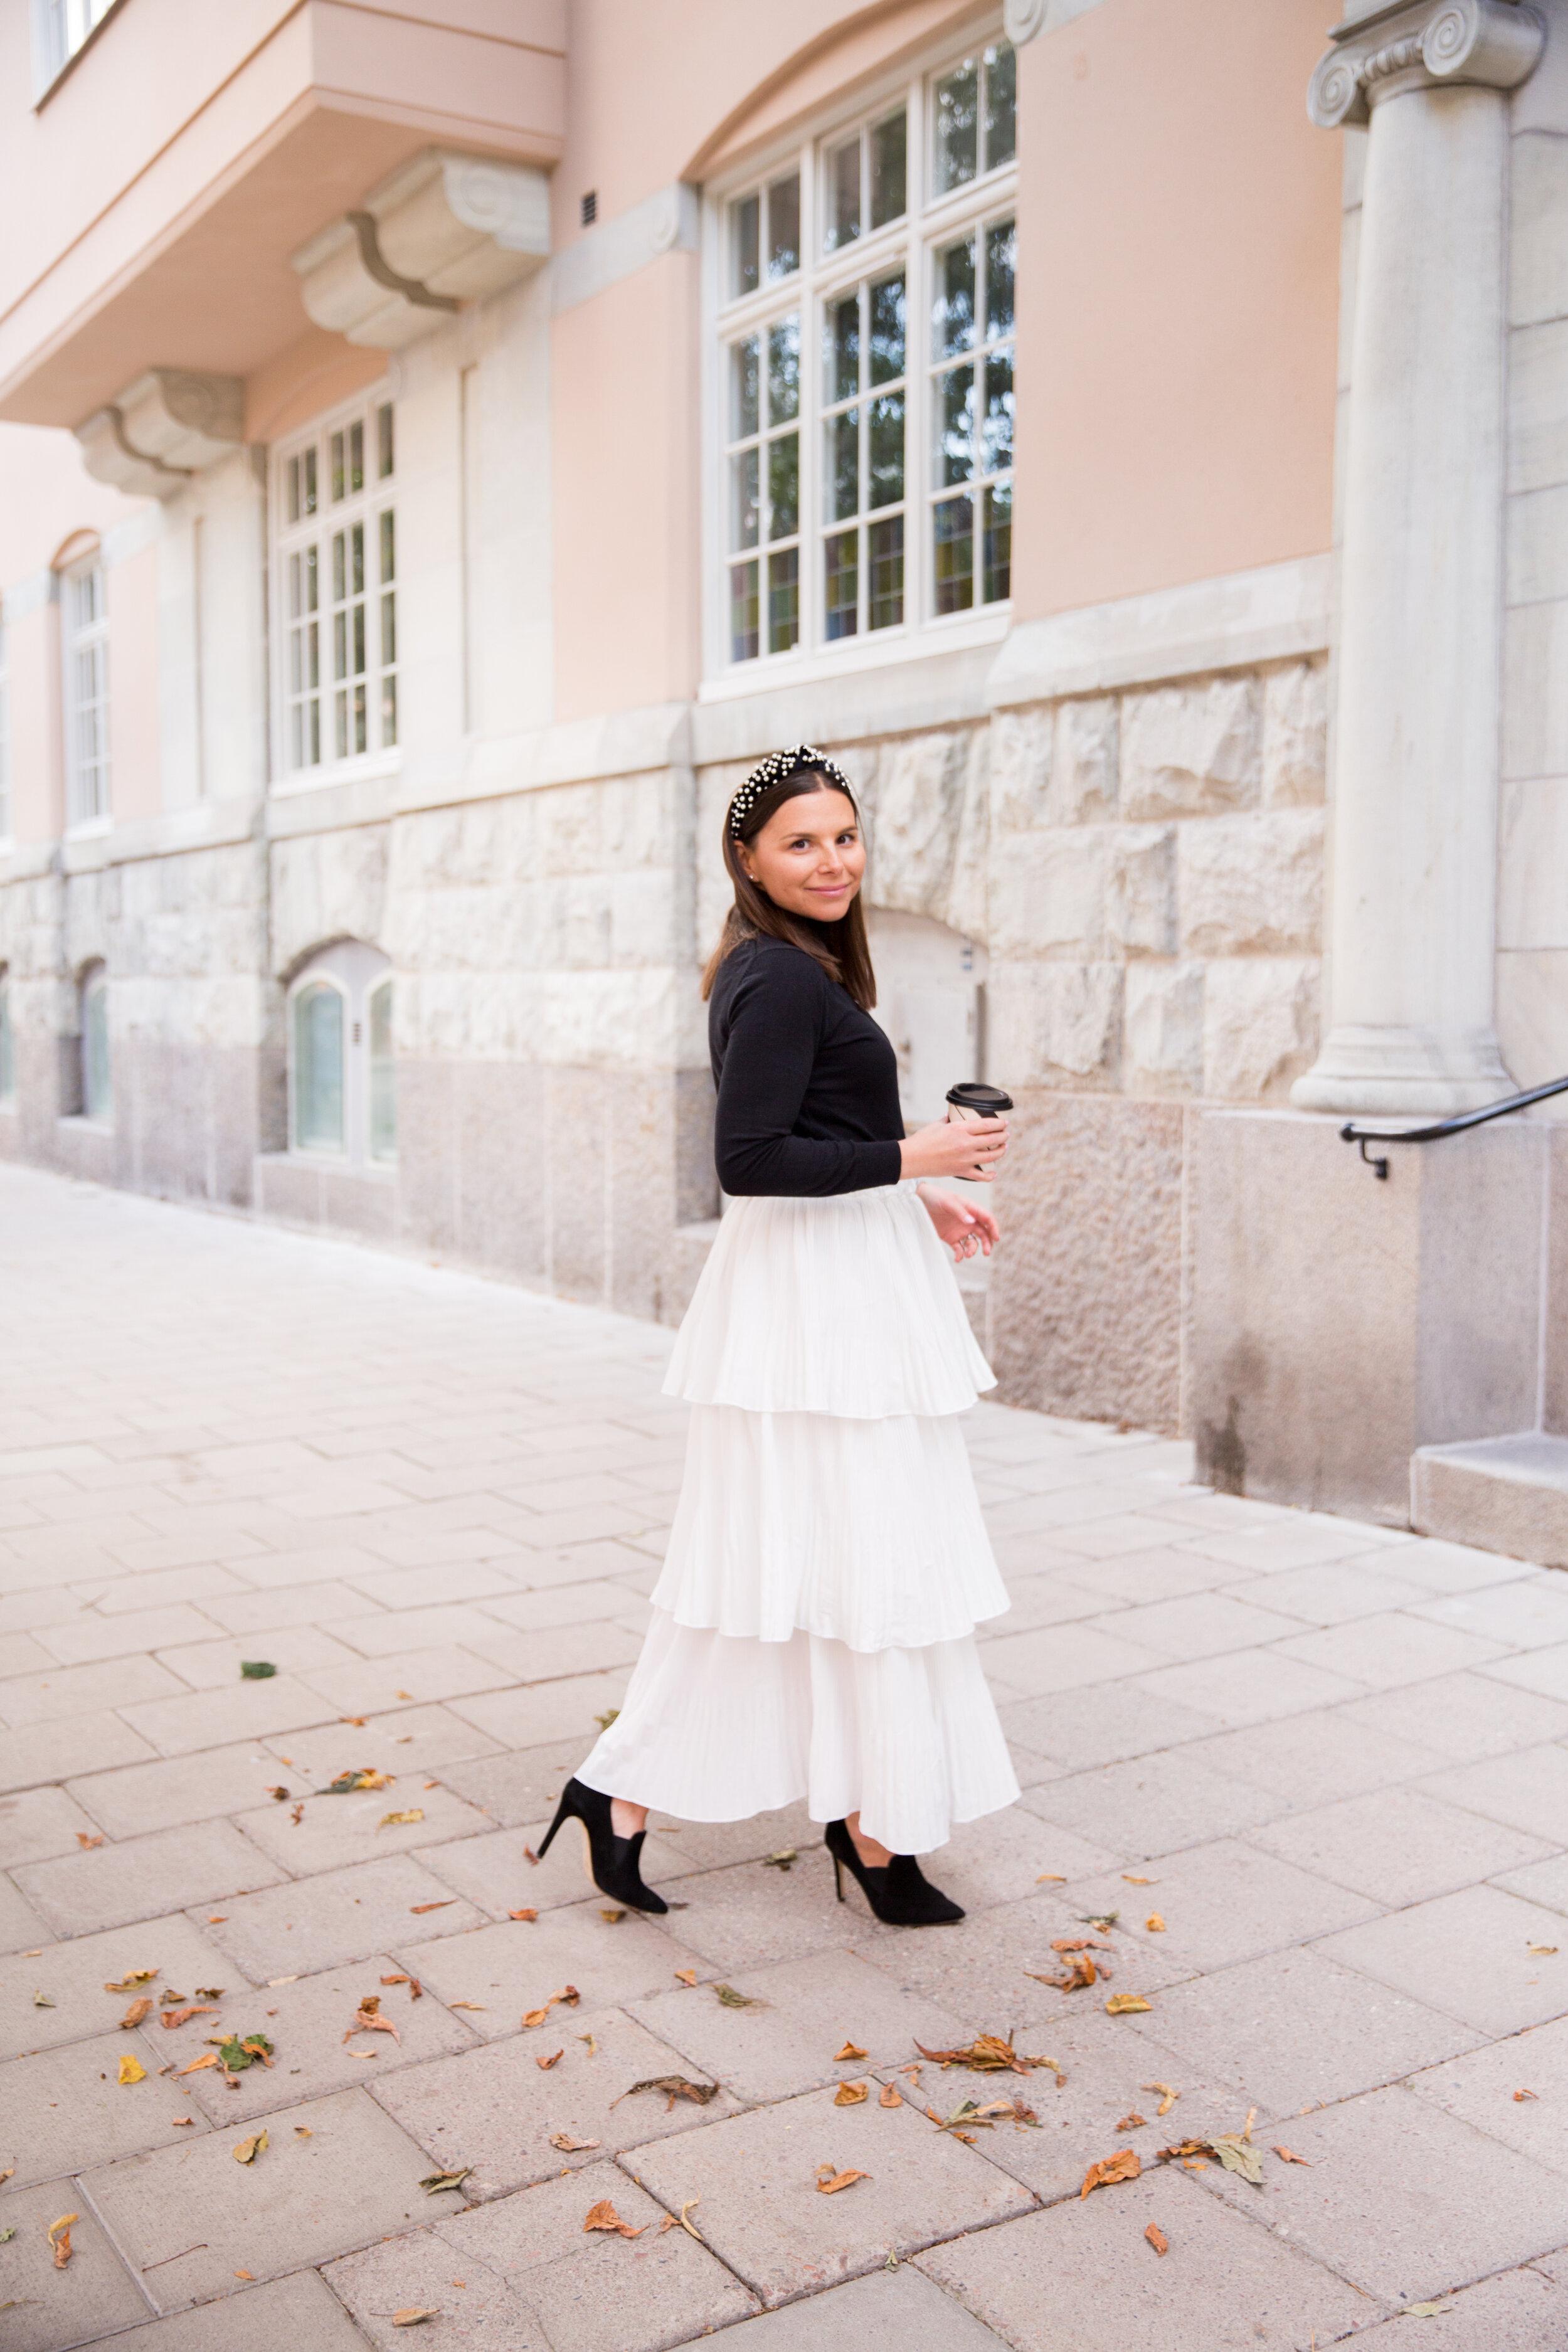 Angelica Aurell kjol mode outfit stil.jpg